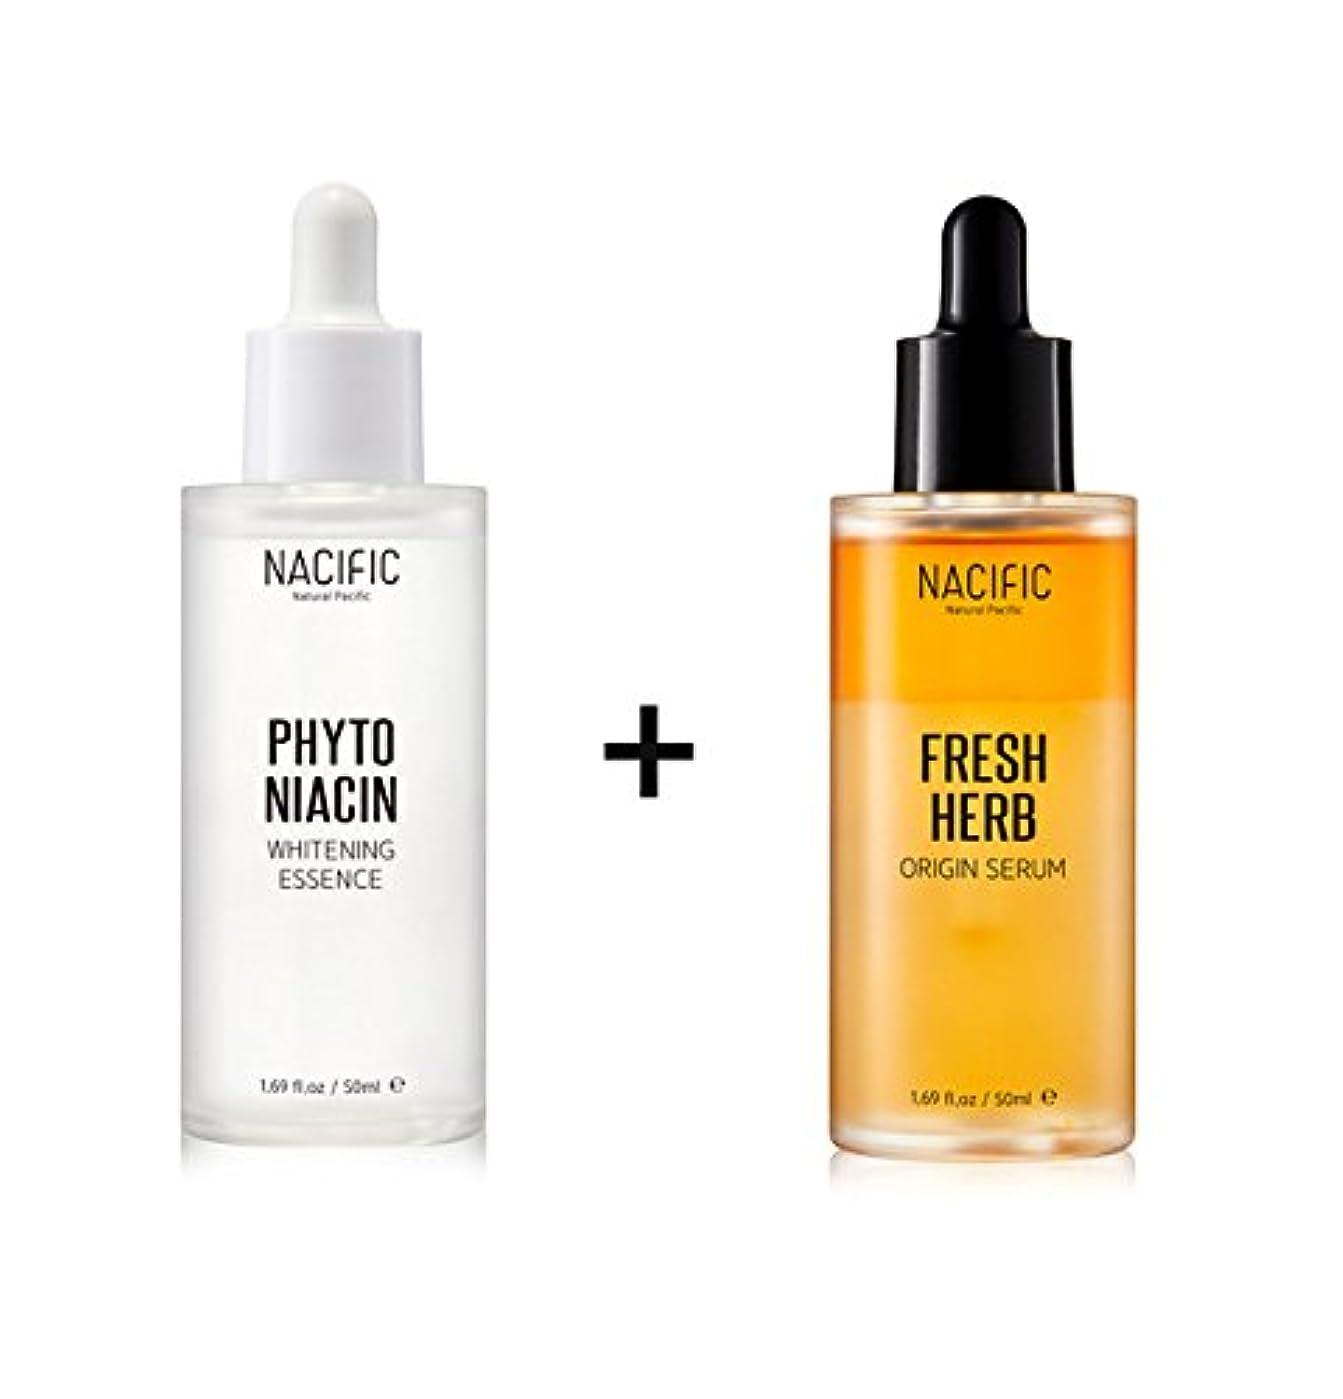 小切手多くの危険がある状況メンター[Renewal] NACIFIC Fresh Herb Origin Serum 50ml + Phyto Niacin Whitening Essence 50ml/ナシフィック フレッシュ ハーブ オリジン セラム...